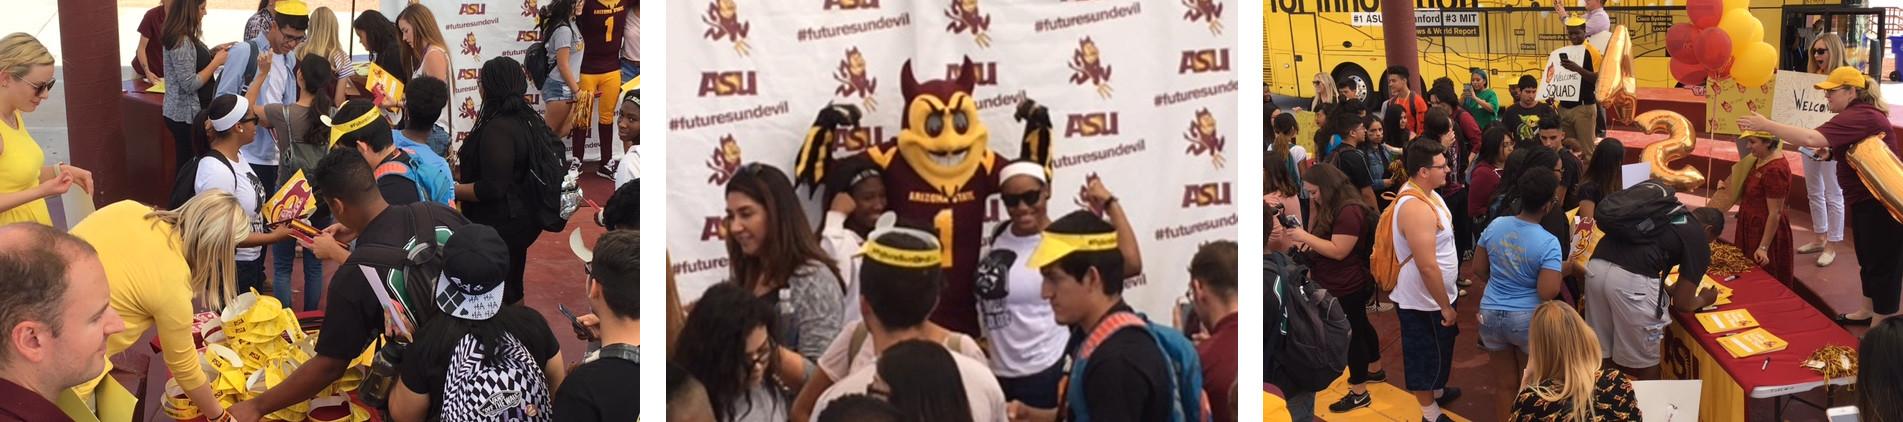 Students visit ASU campus